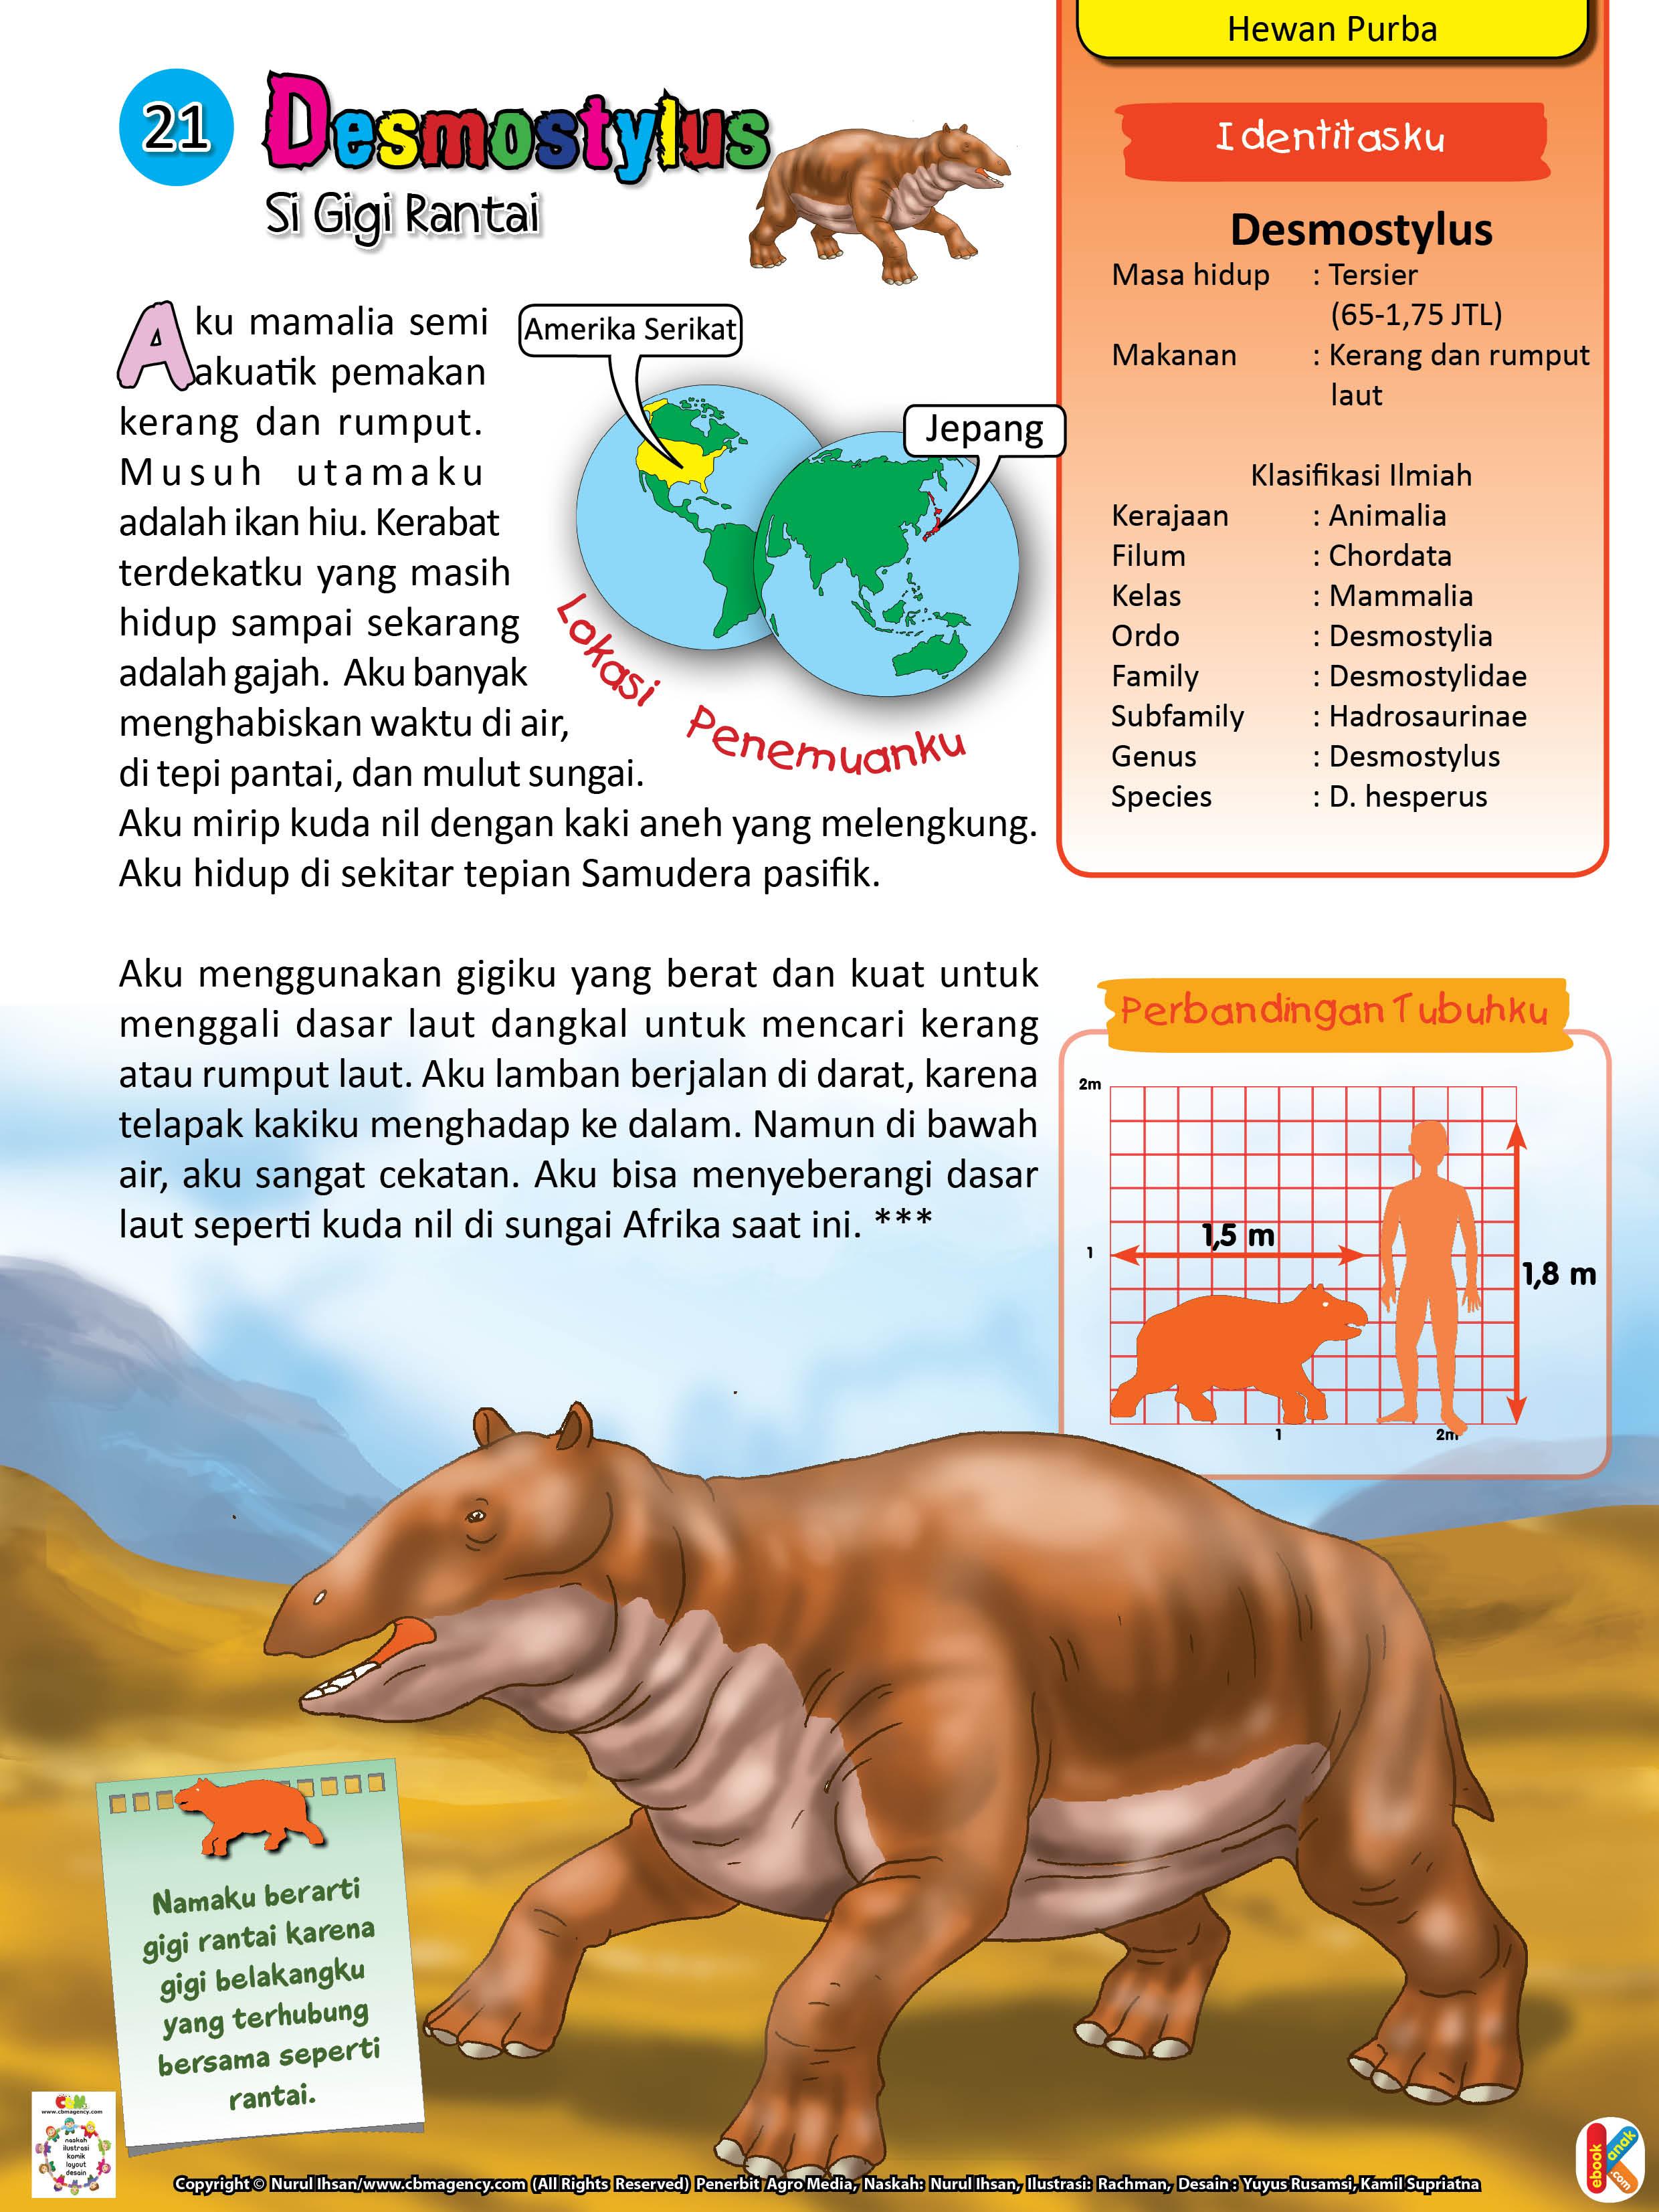 Desmostylus hewan purba akuatik pemakan kerang dan rumput